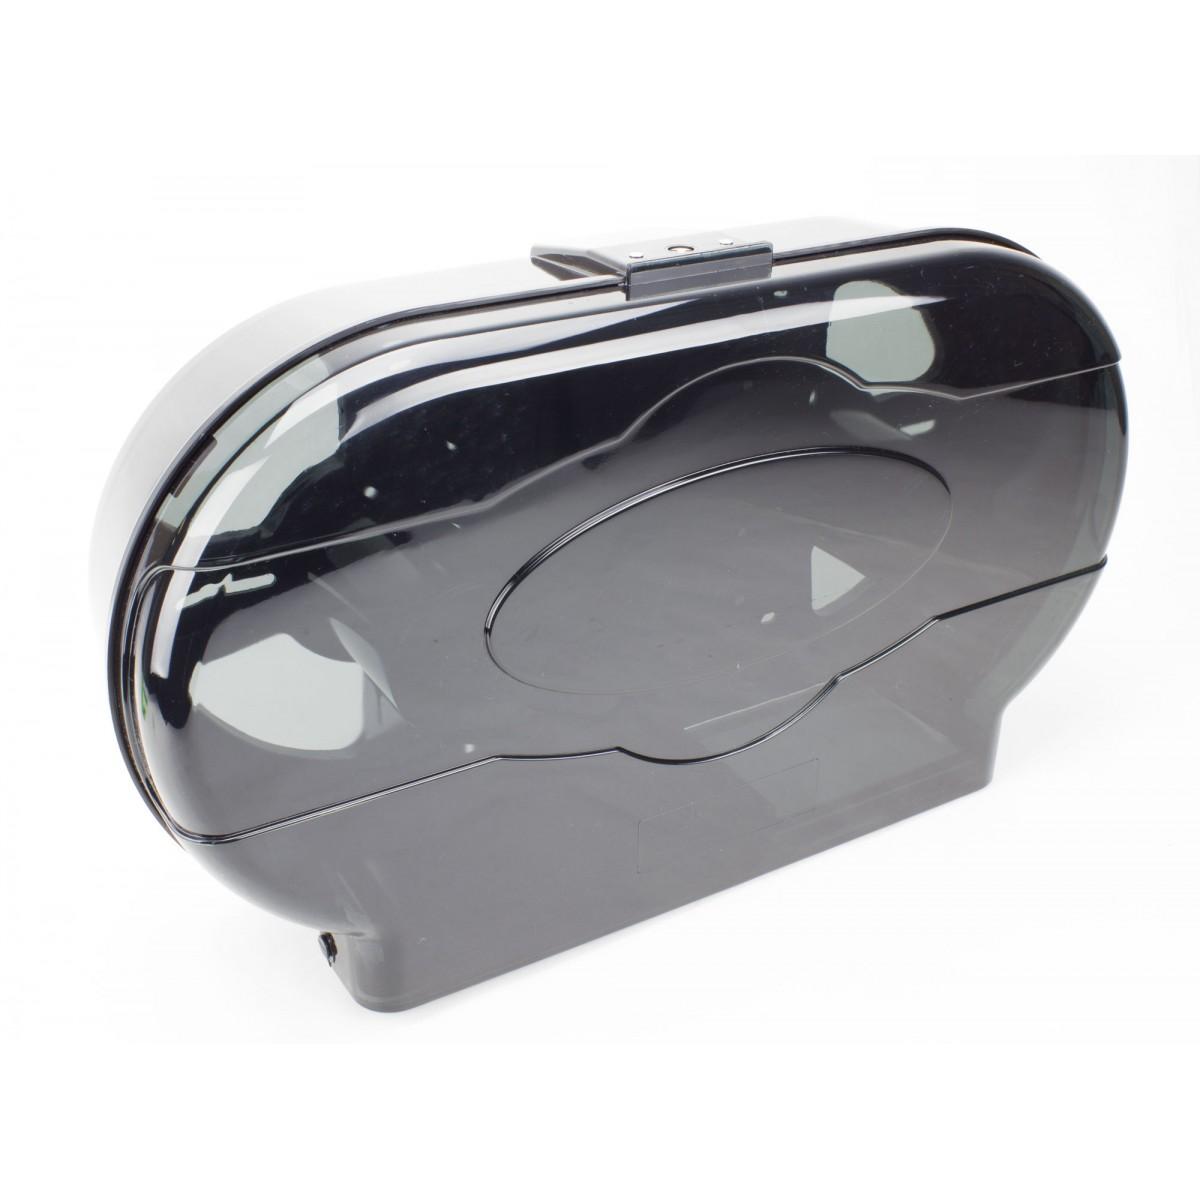 Distributeur double pour papier hygi nique rouleau jumbo - Distributeur de rouleaux de papier cuisine ...